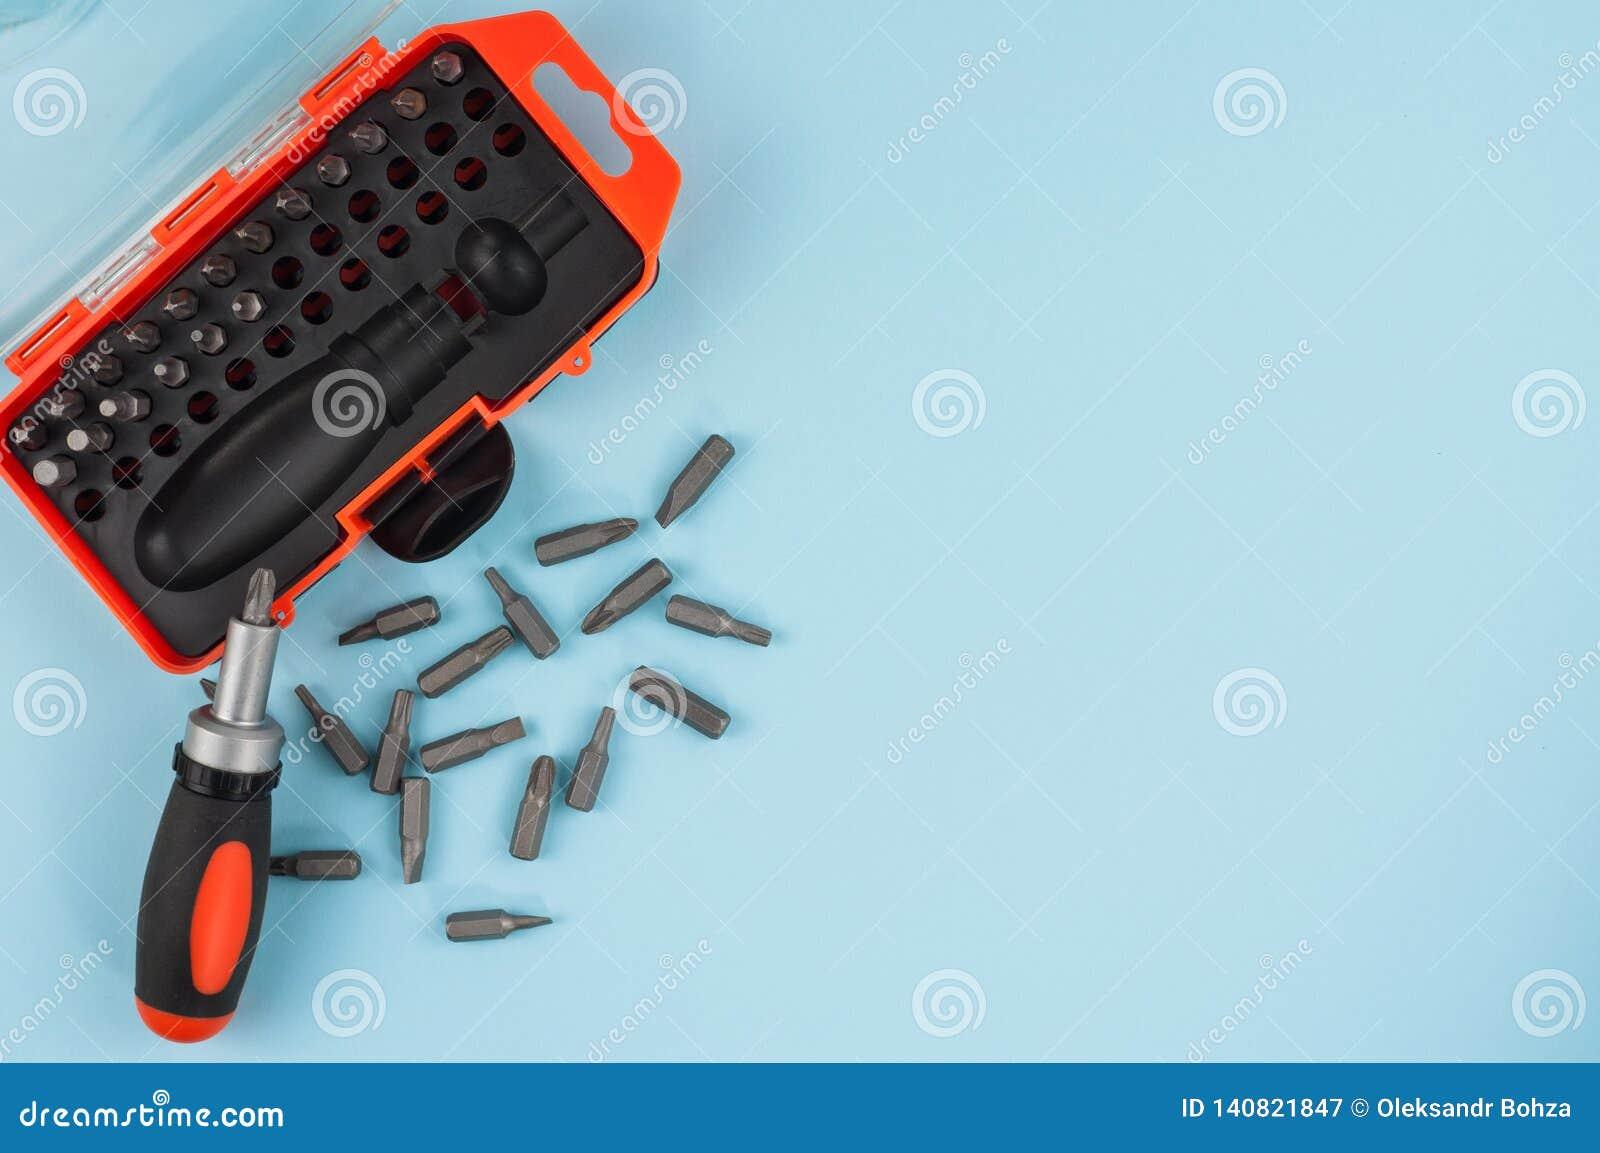 Ein Schraubenzieher mit Griff der schwarzen und orange Farbe nahe zerstreuten Metallstückchen und Plastikkasten für Stückchen